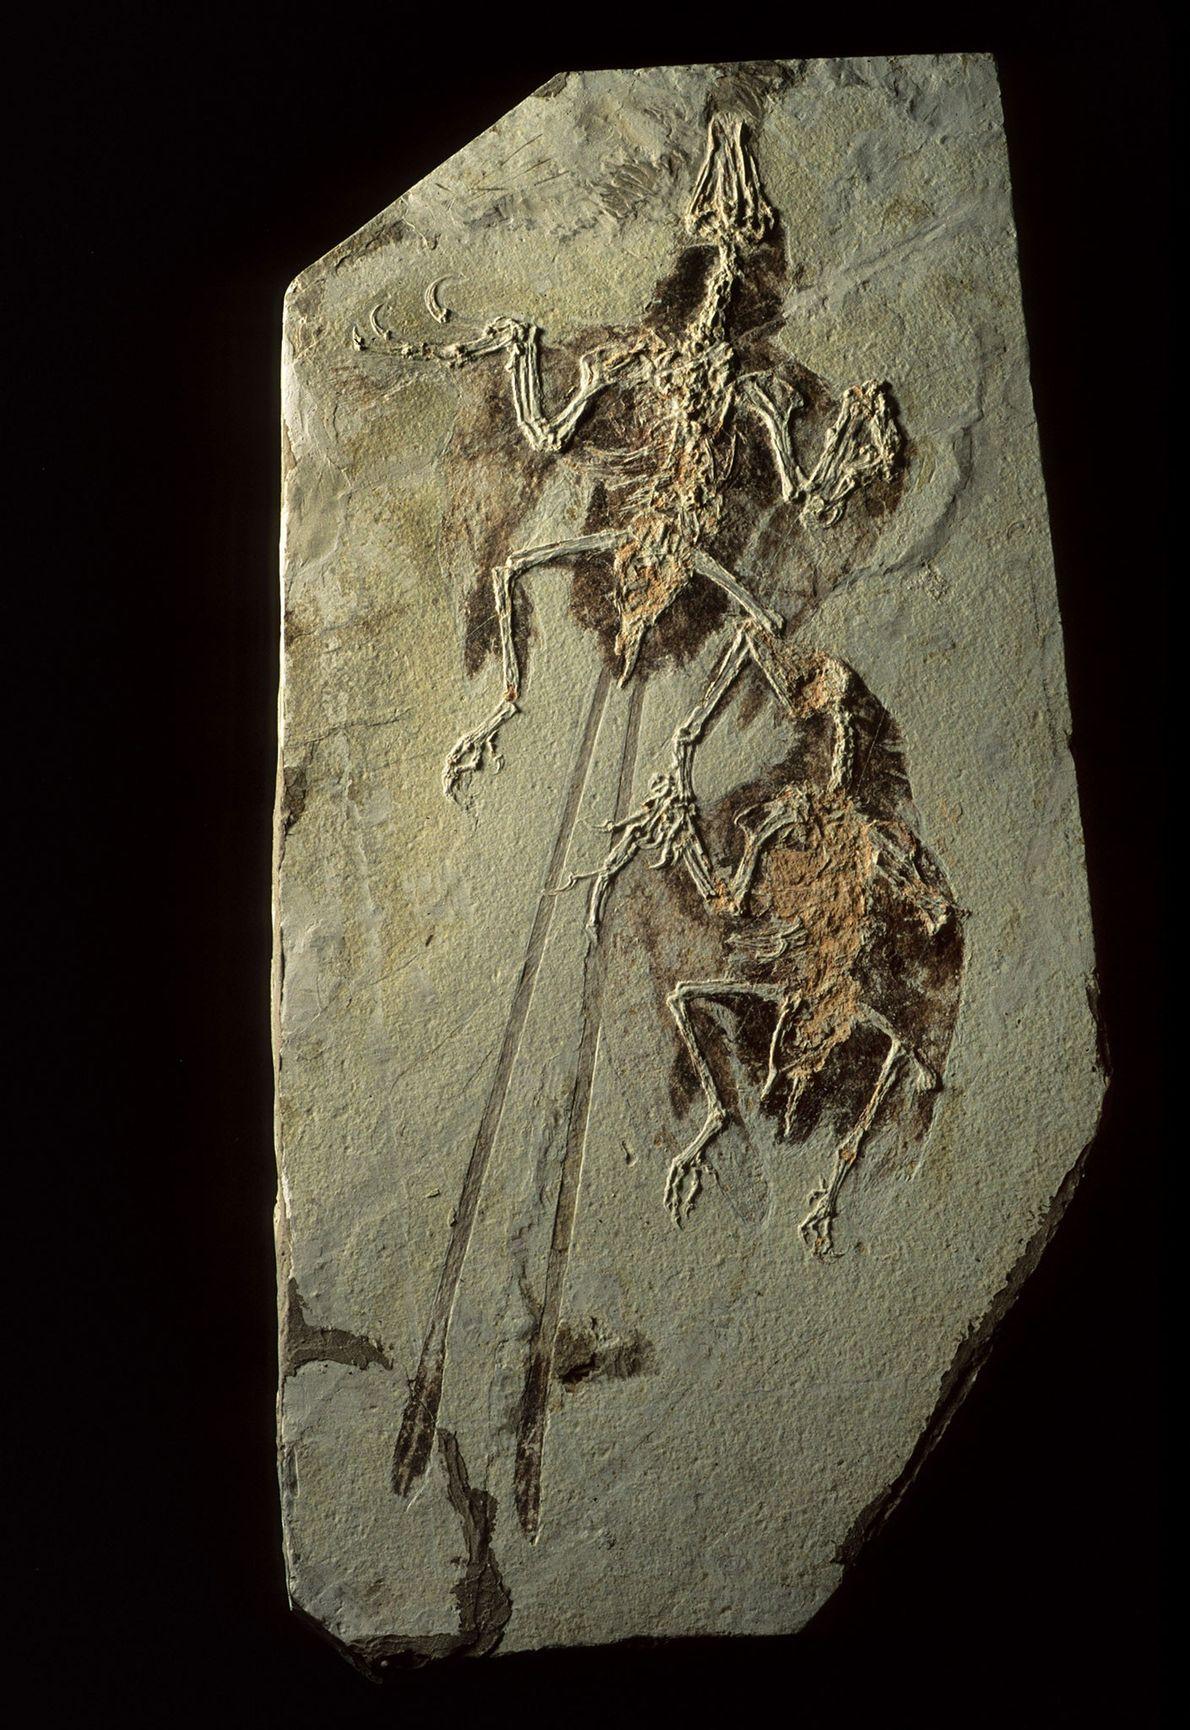 In den Fossilfundstätten von Liaoning in China fanden sich nicht nur Dinosaurier, sondern auch urzeitliche Vögel ...